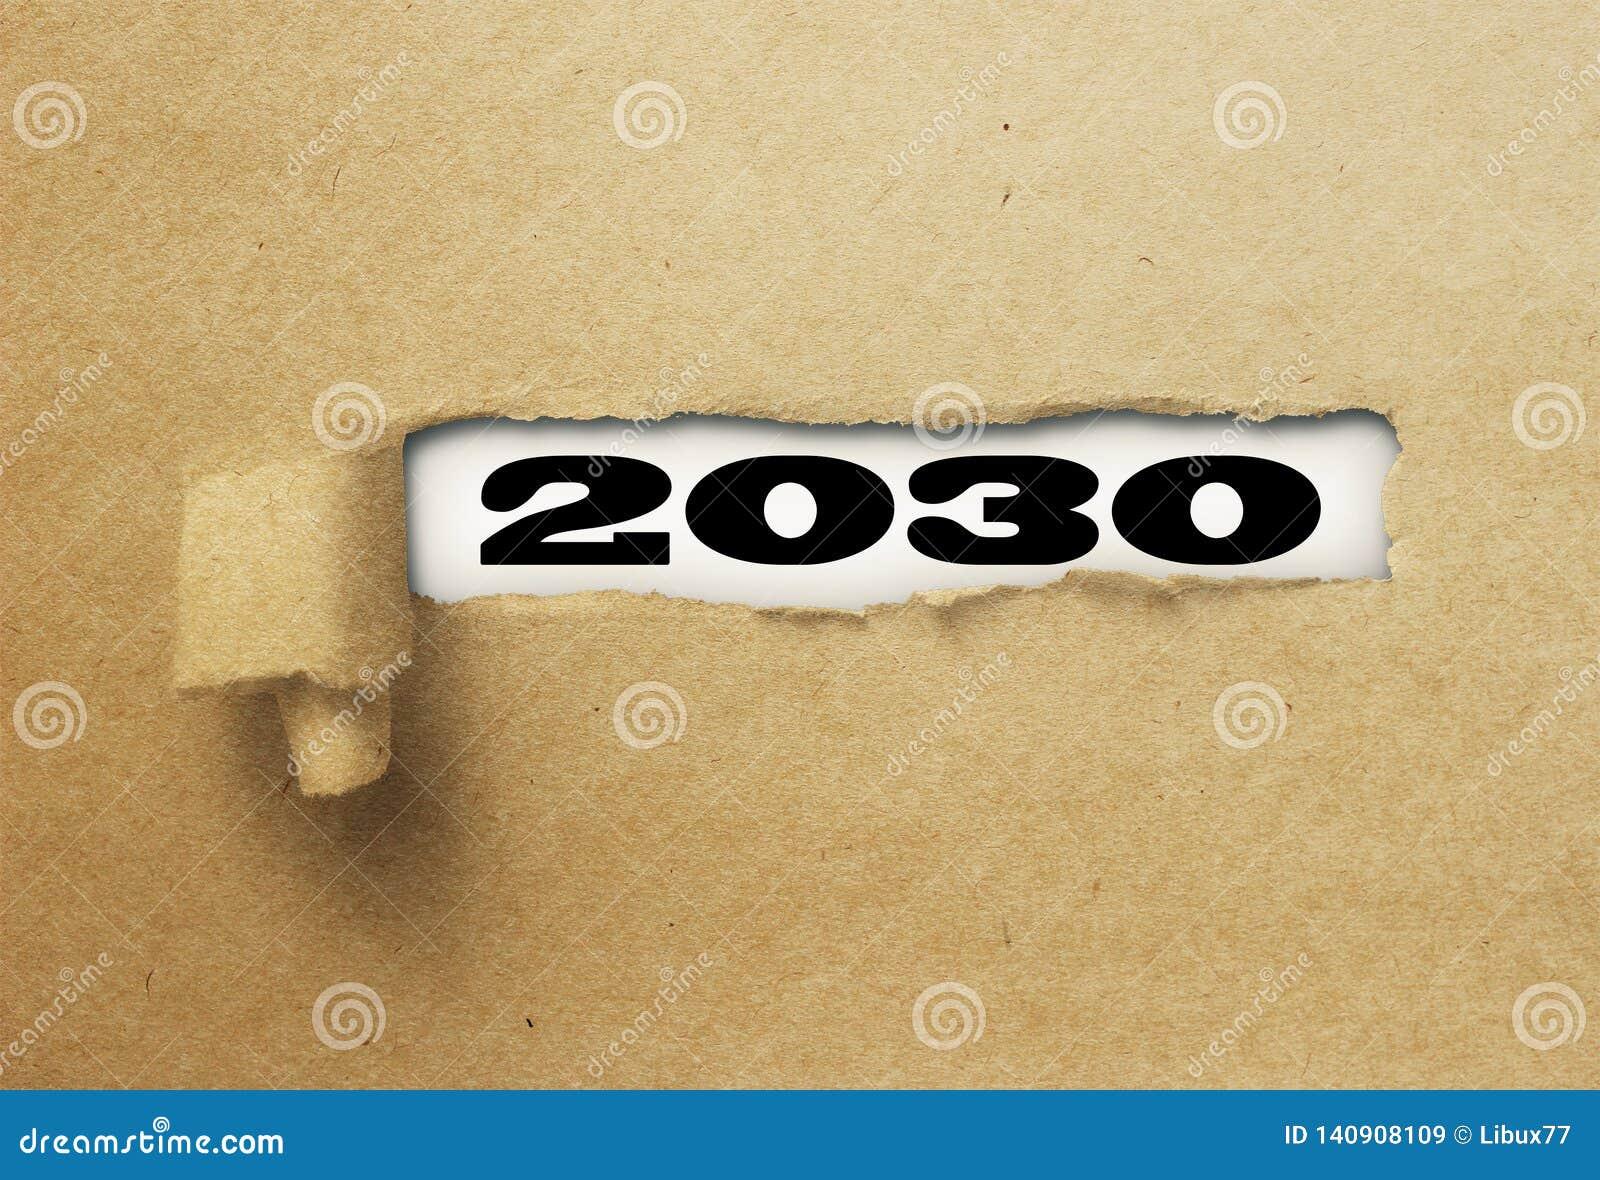 Nuovo anno rivelante 2030 della carta strappata o lacerata su bianco